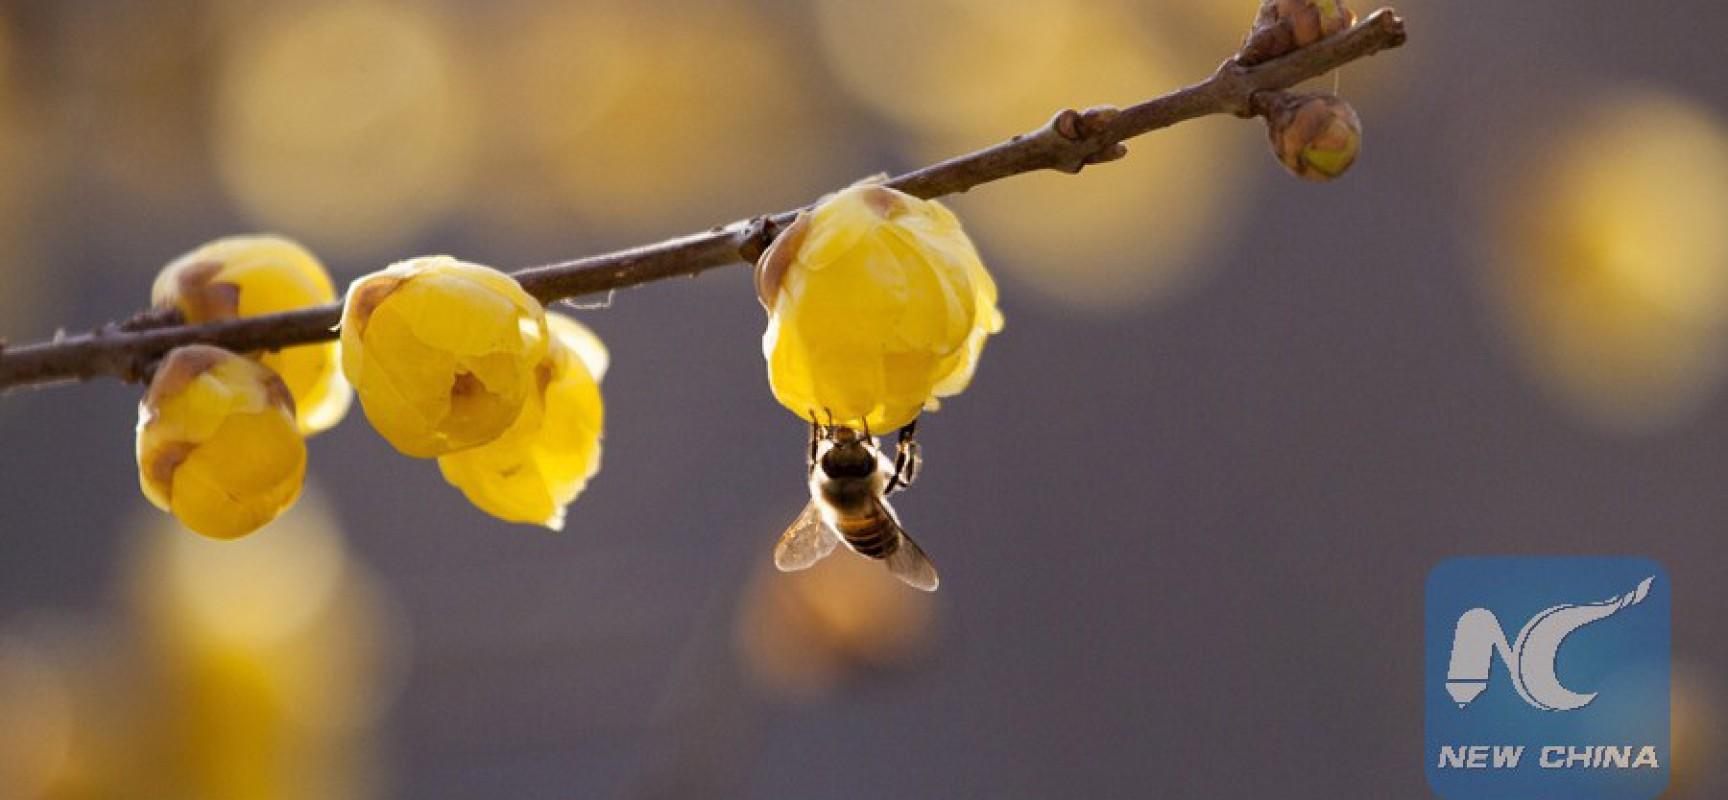 Un médecin palestinien utilise des piqûres d'abeille pour guérir des maladies